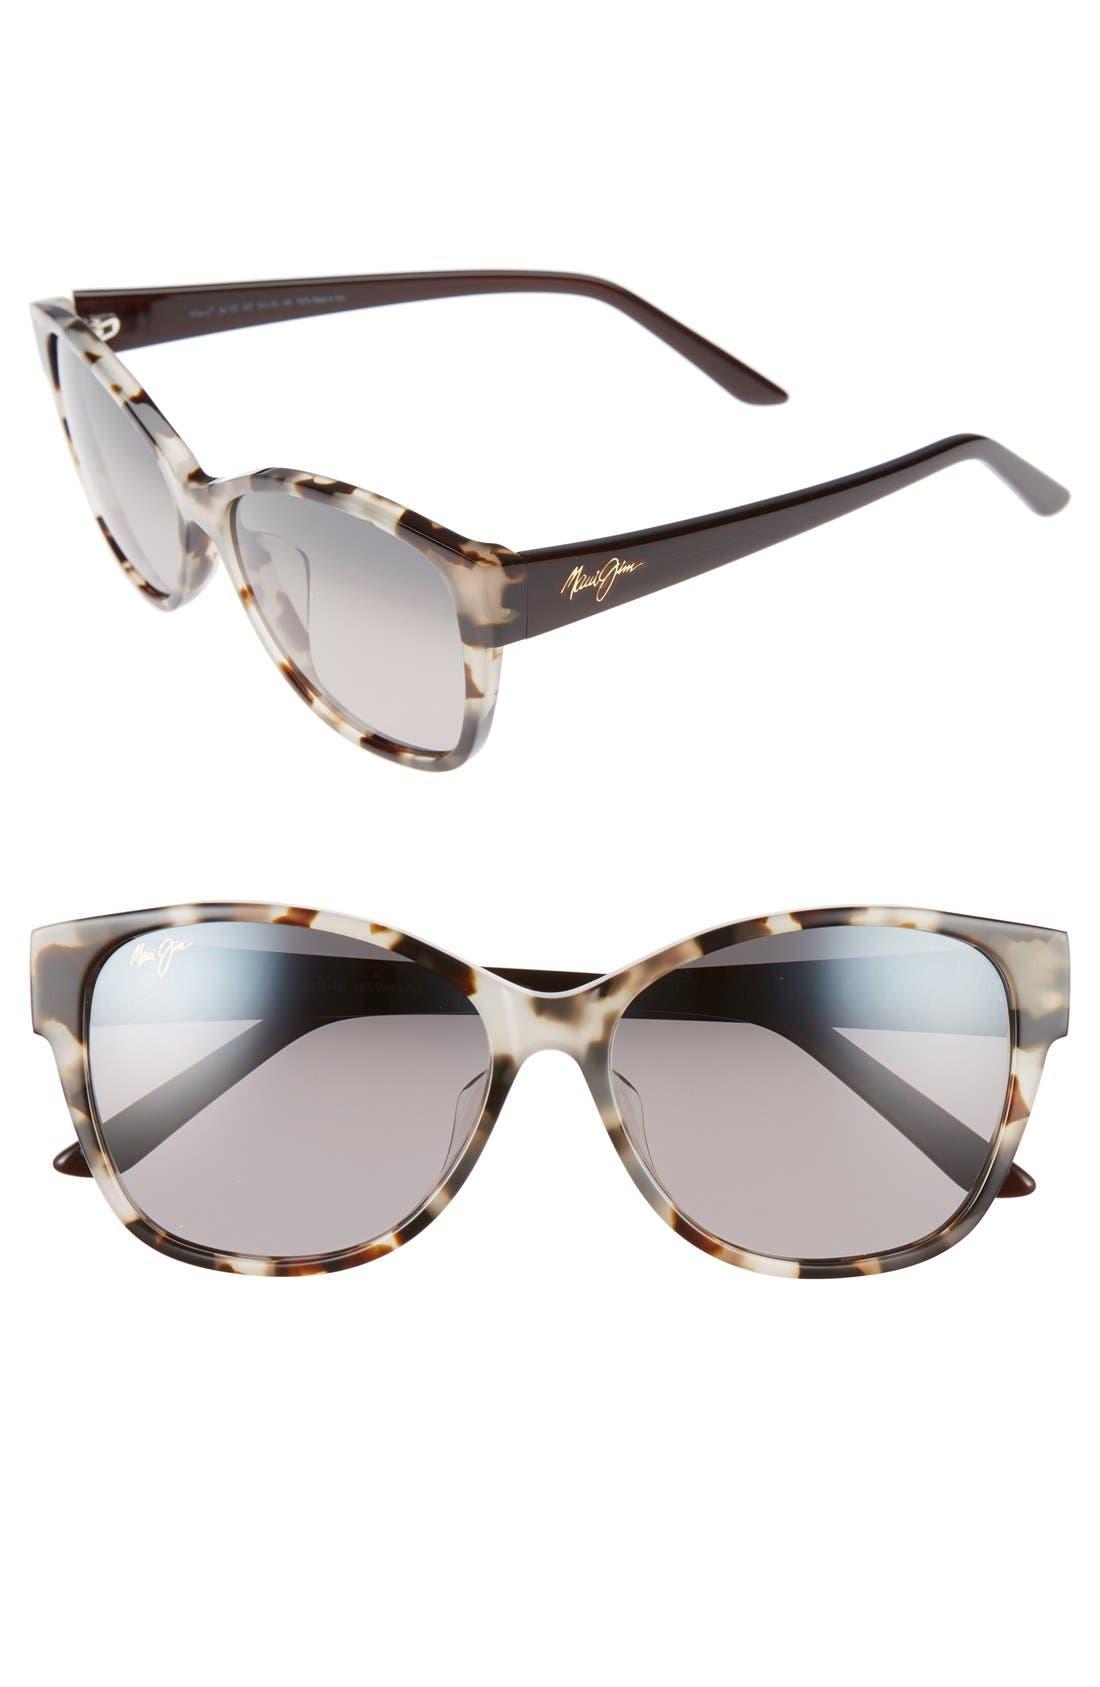 Maui Jim Summer Time 5m Polarizedplus2 Cat Eye Sunglasses -